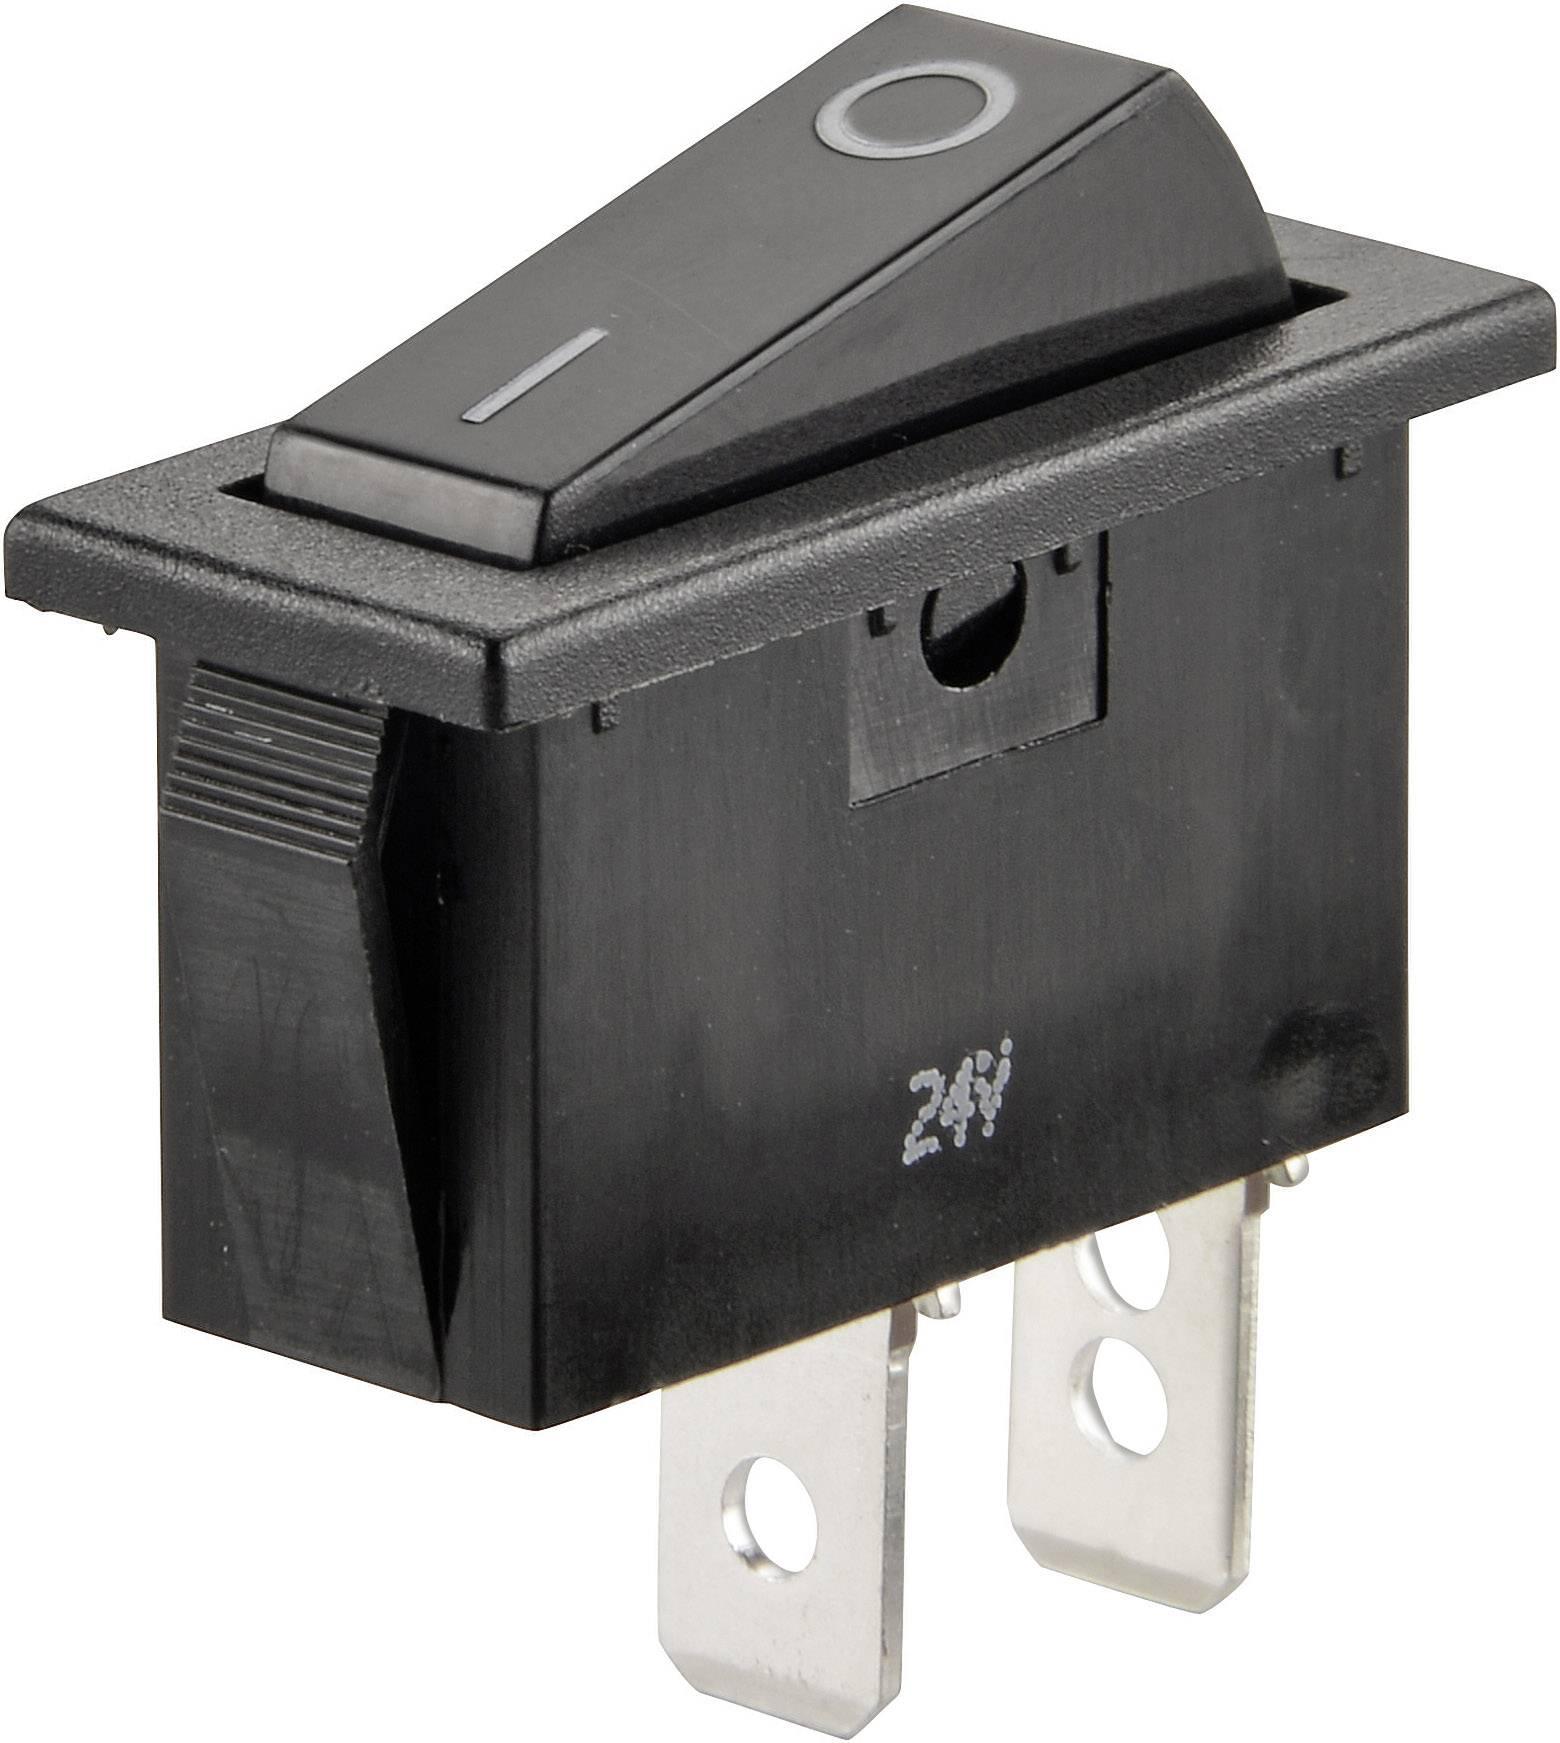 Kolískový spínač SCI R13-70A-01 s aretáciou 24 V/DC, 10 A, 1x vyp/zap, čierna, 1 ks